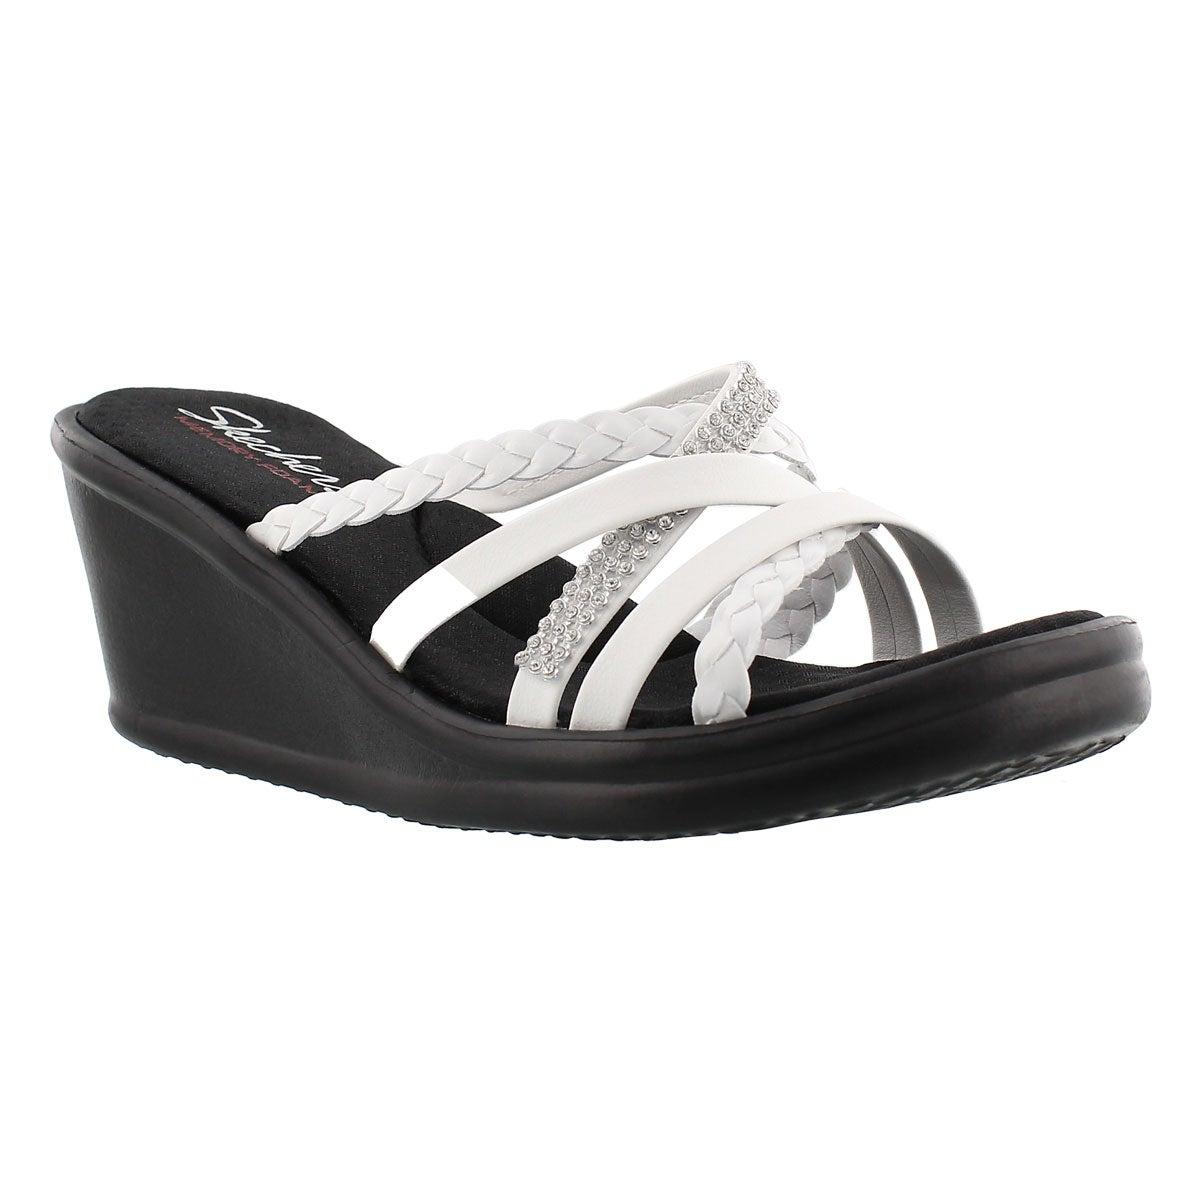 Women's WILD CHILD white wedge sandals